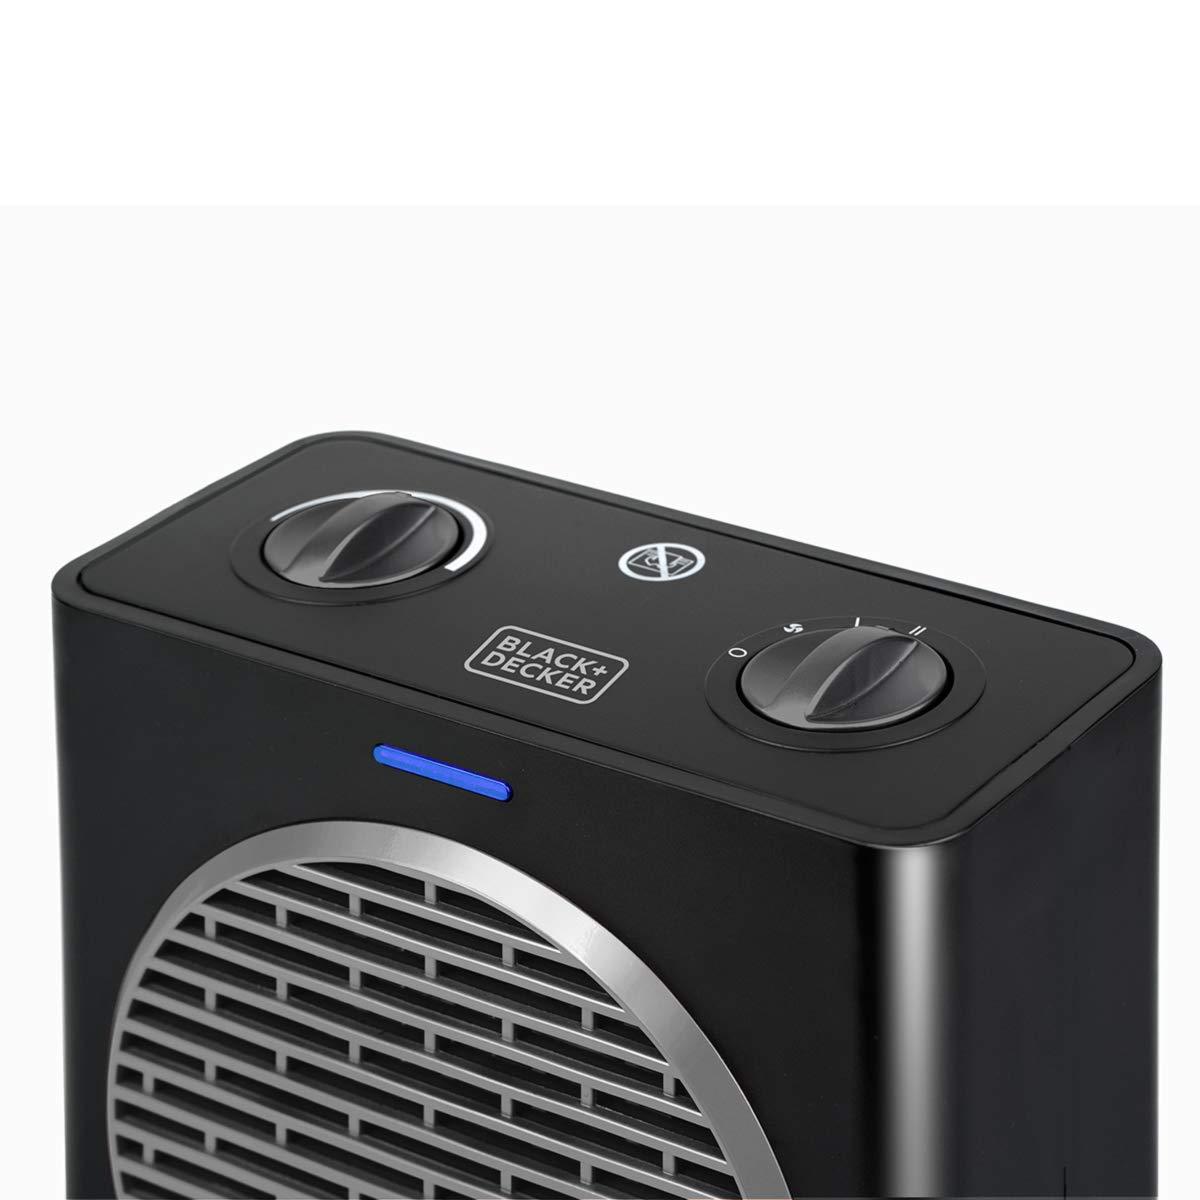 2000 W Plastic BLACK+DECKER BXSH2003E Termoventilatore